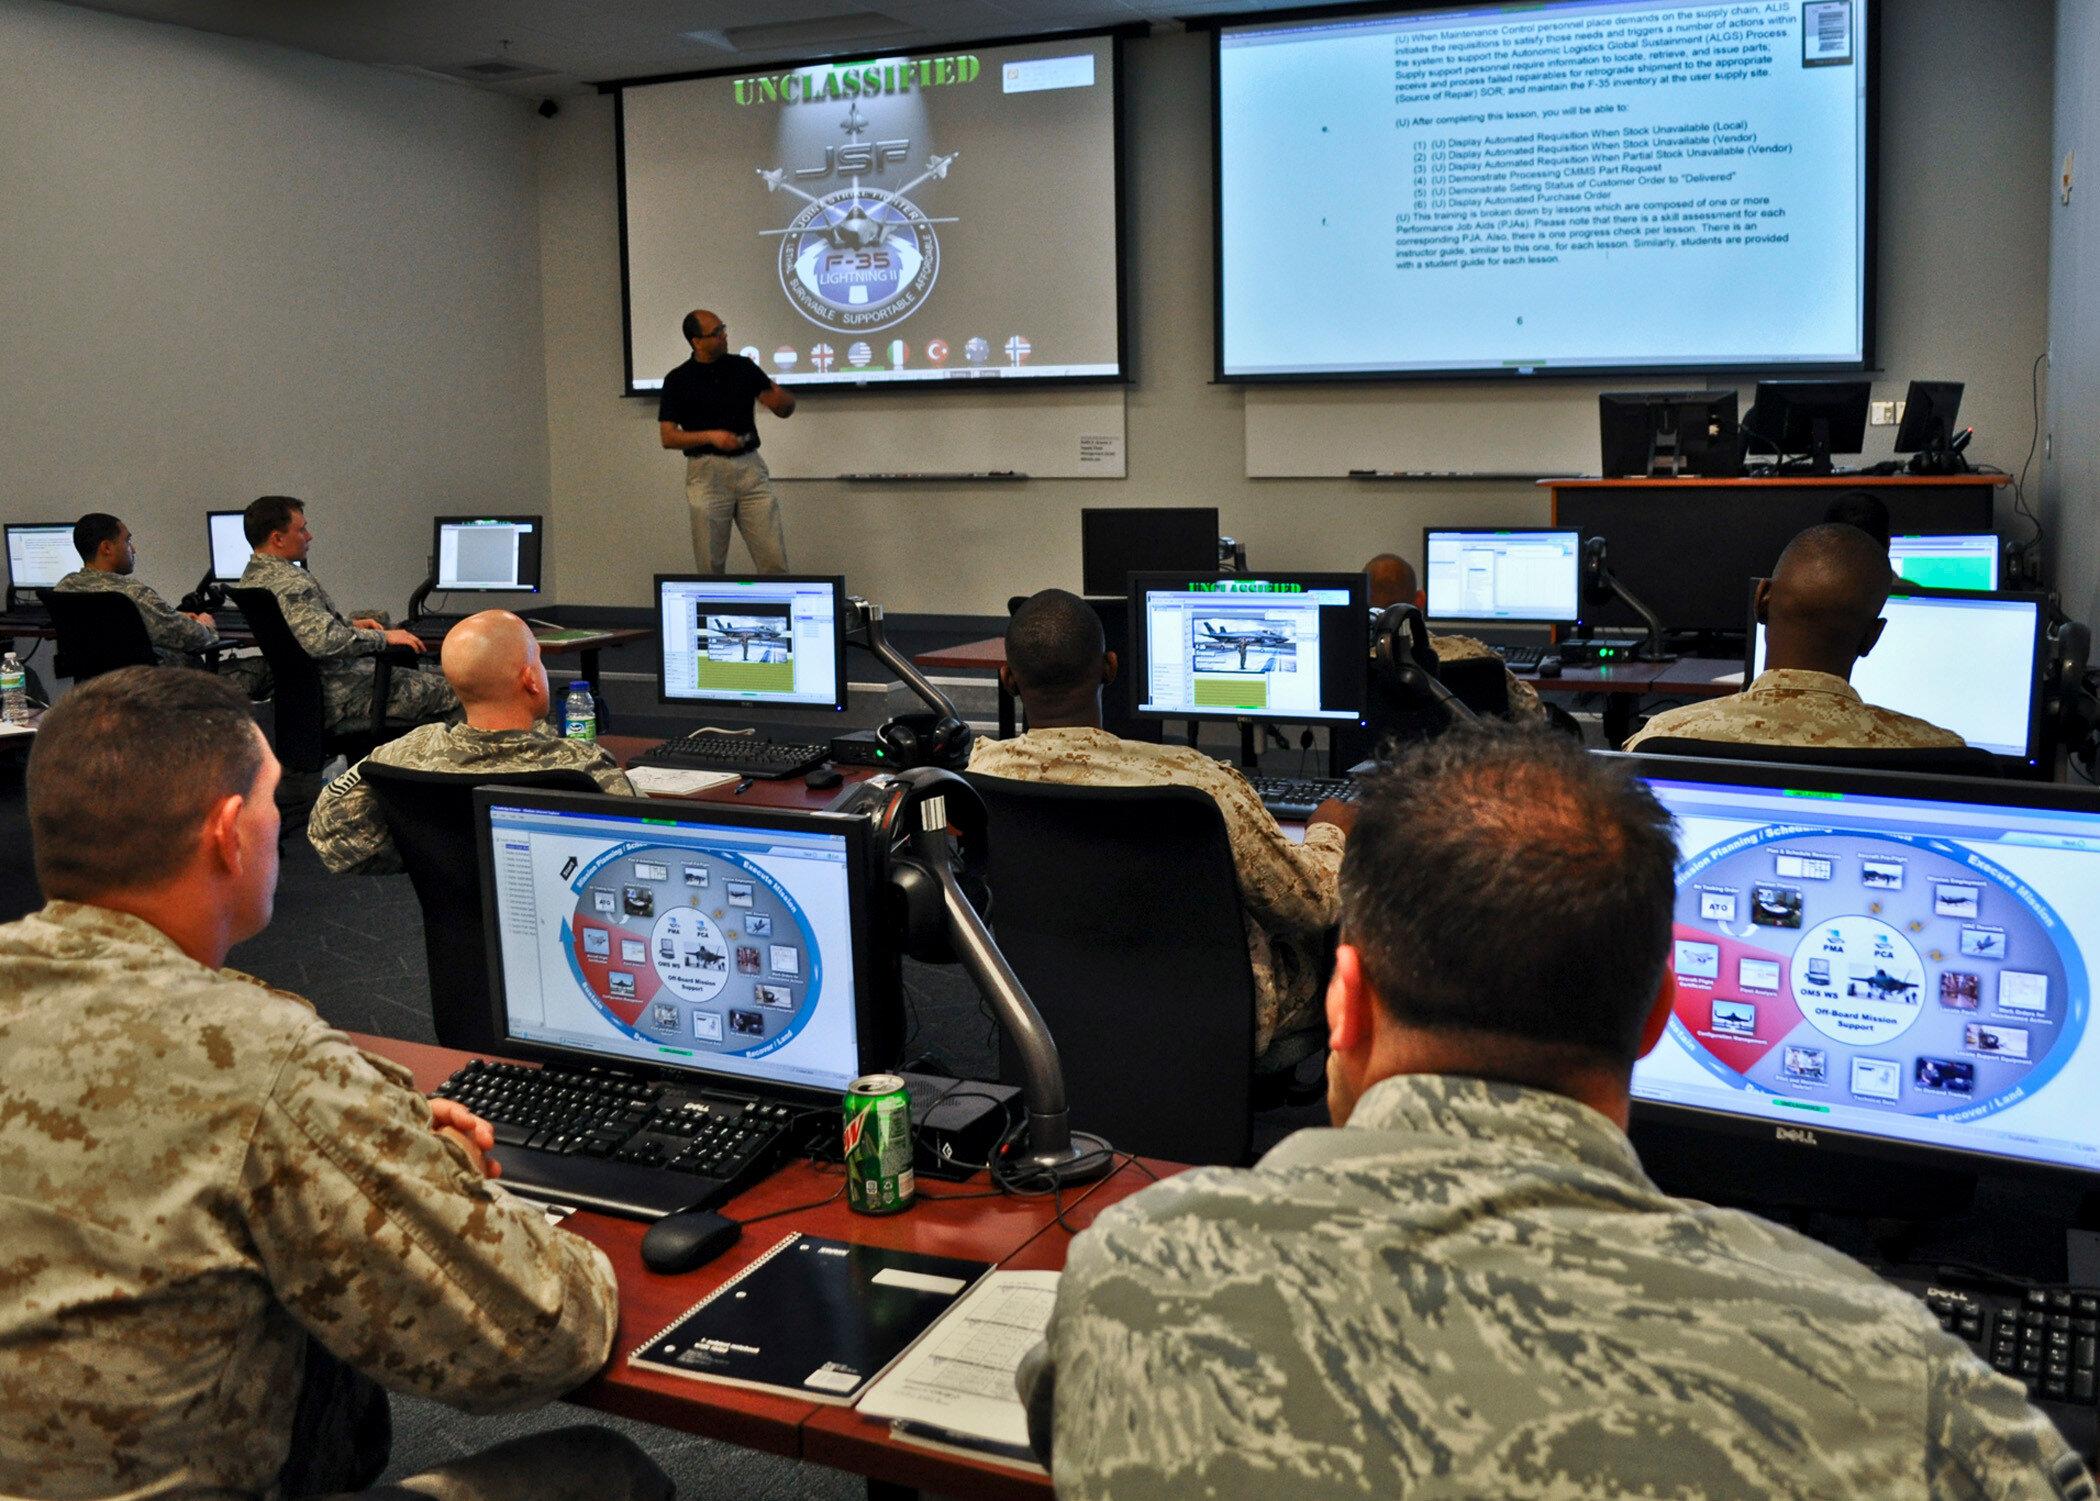 F-35 uçaklarına dair tüm bilgiler sahip olduğu ALIS sistemi tarafından merkeze gönderiliyor.